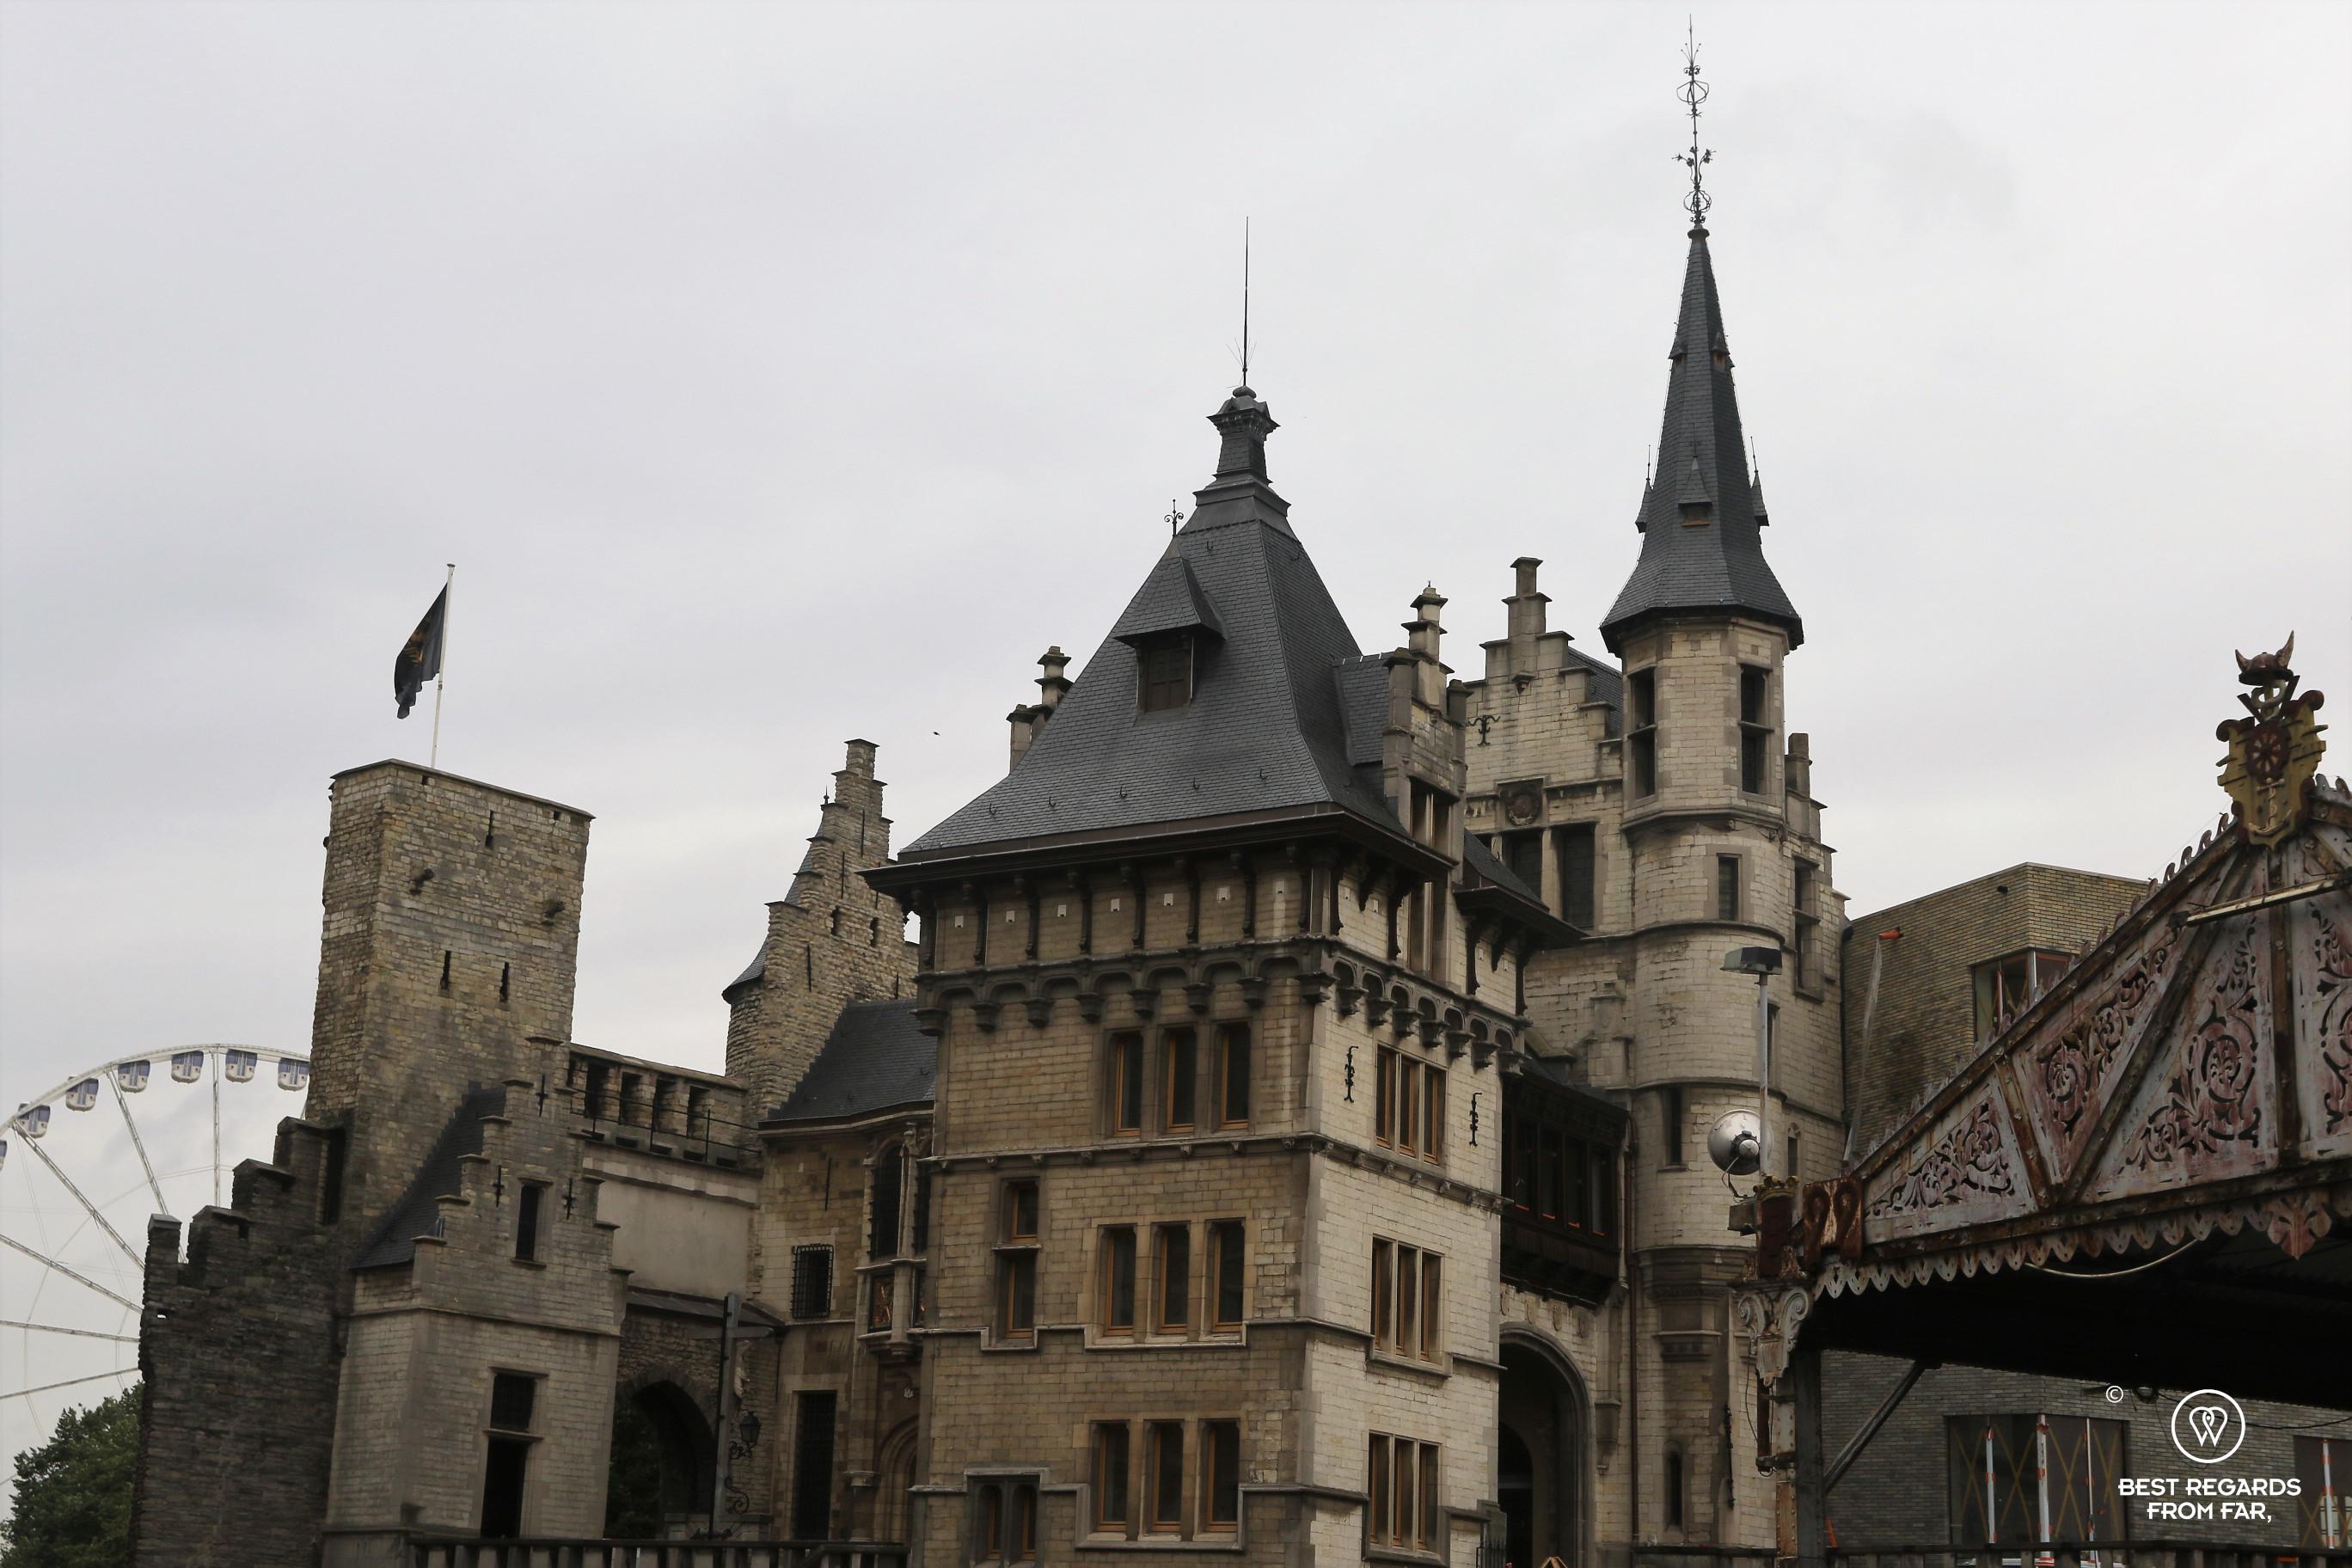 The medieval fortress of Het Steen, Antwerp, Belgium